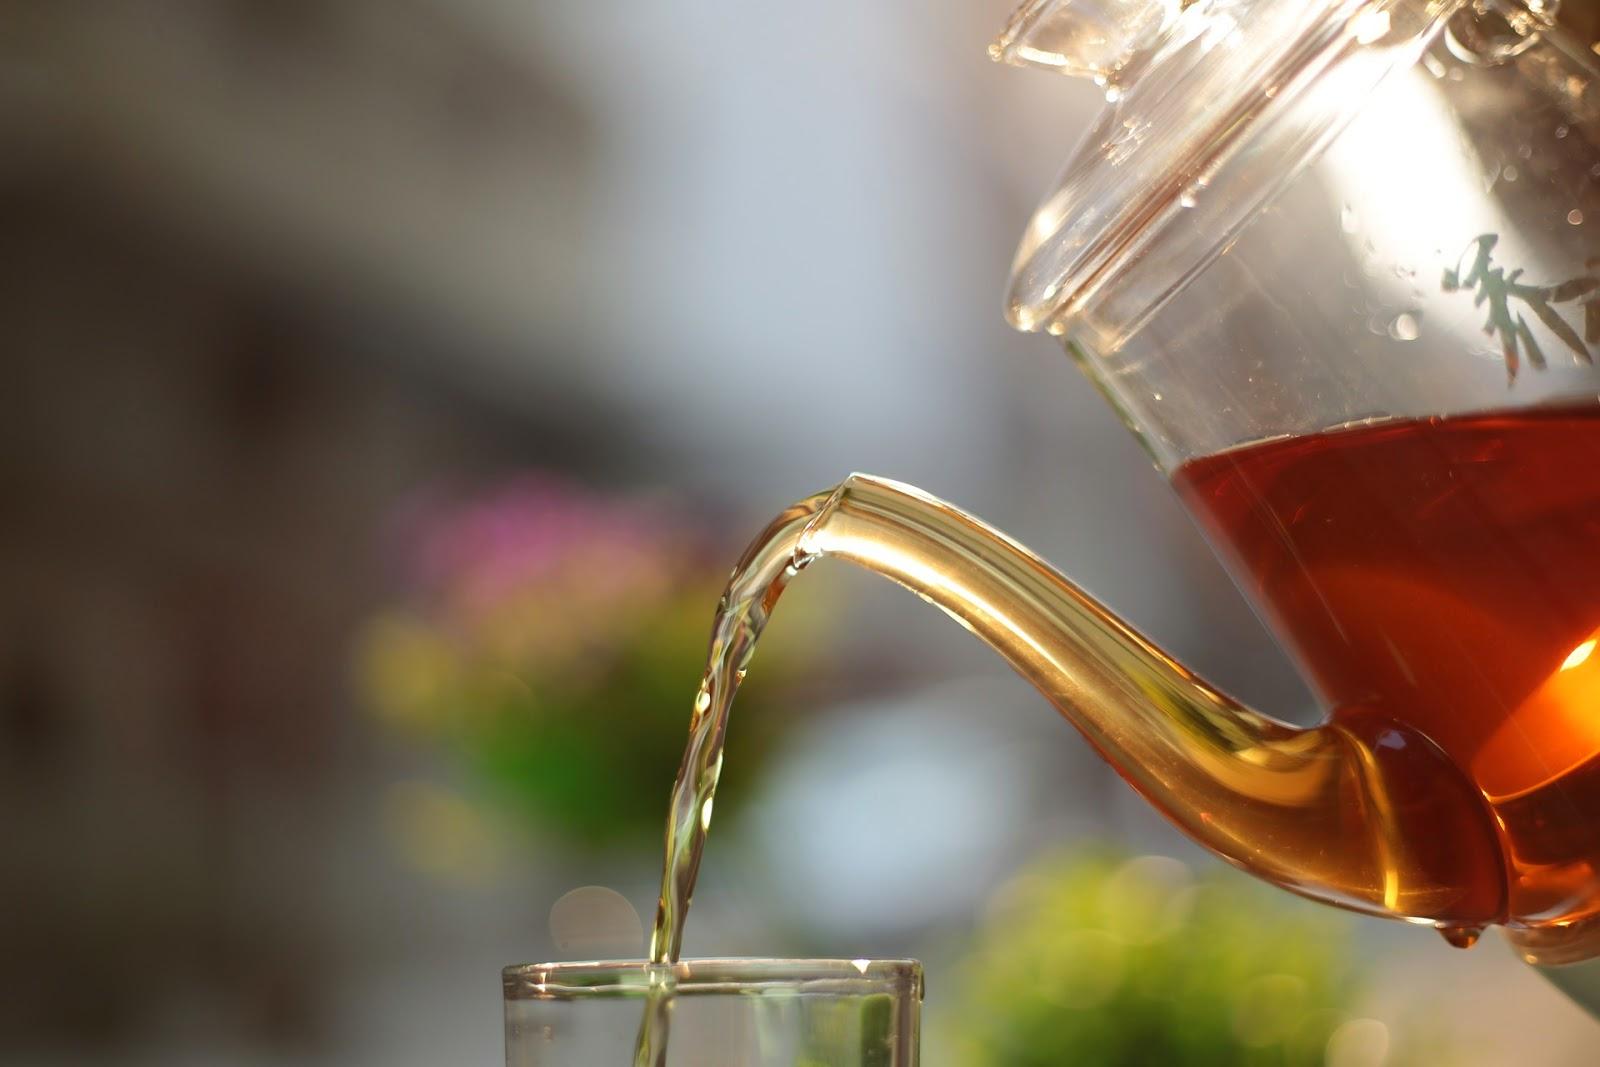 Πώς βγαίνει ο λεκές από τσάι;